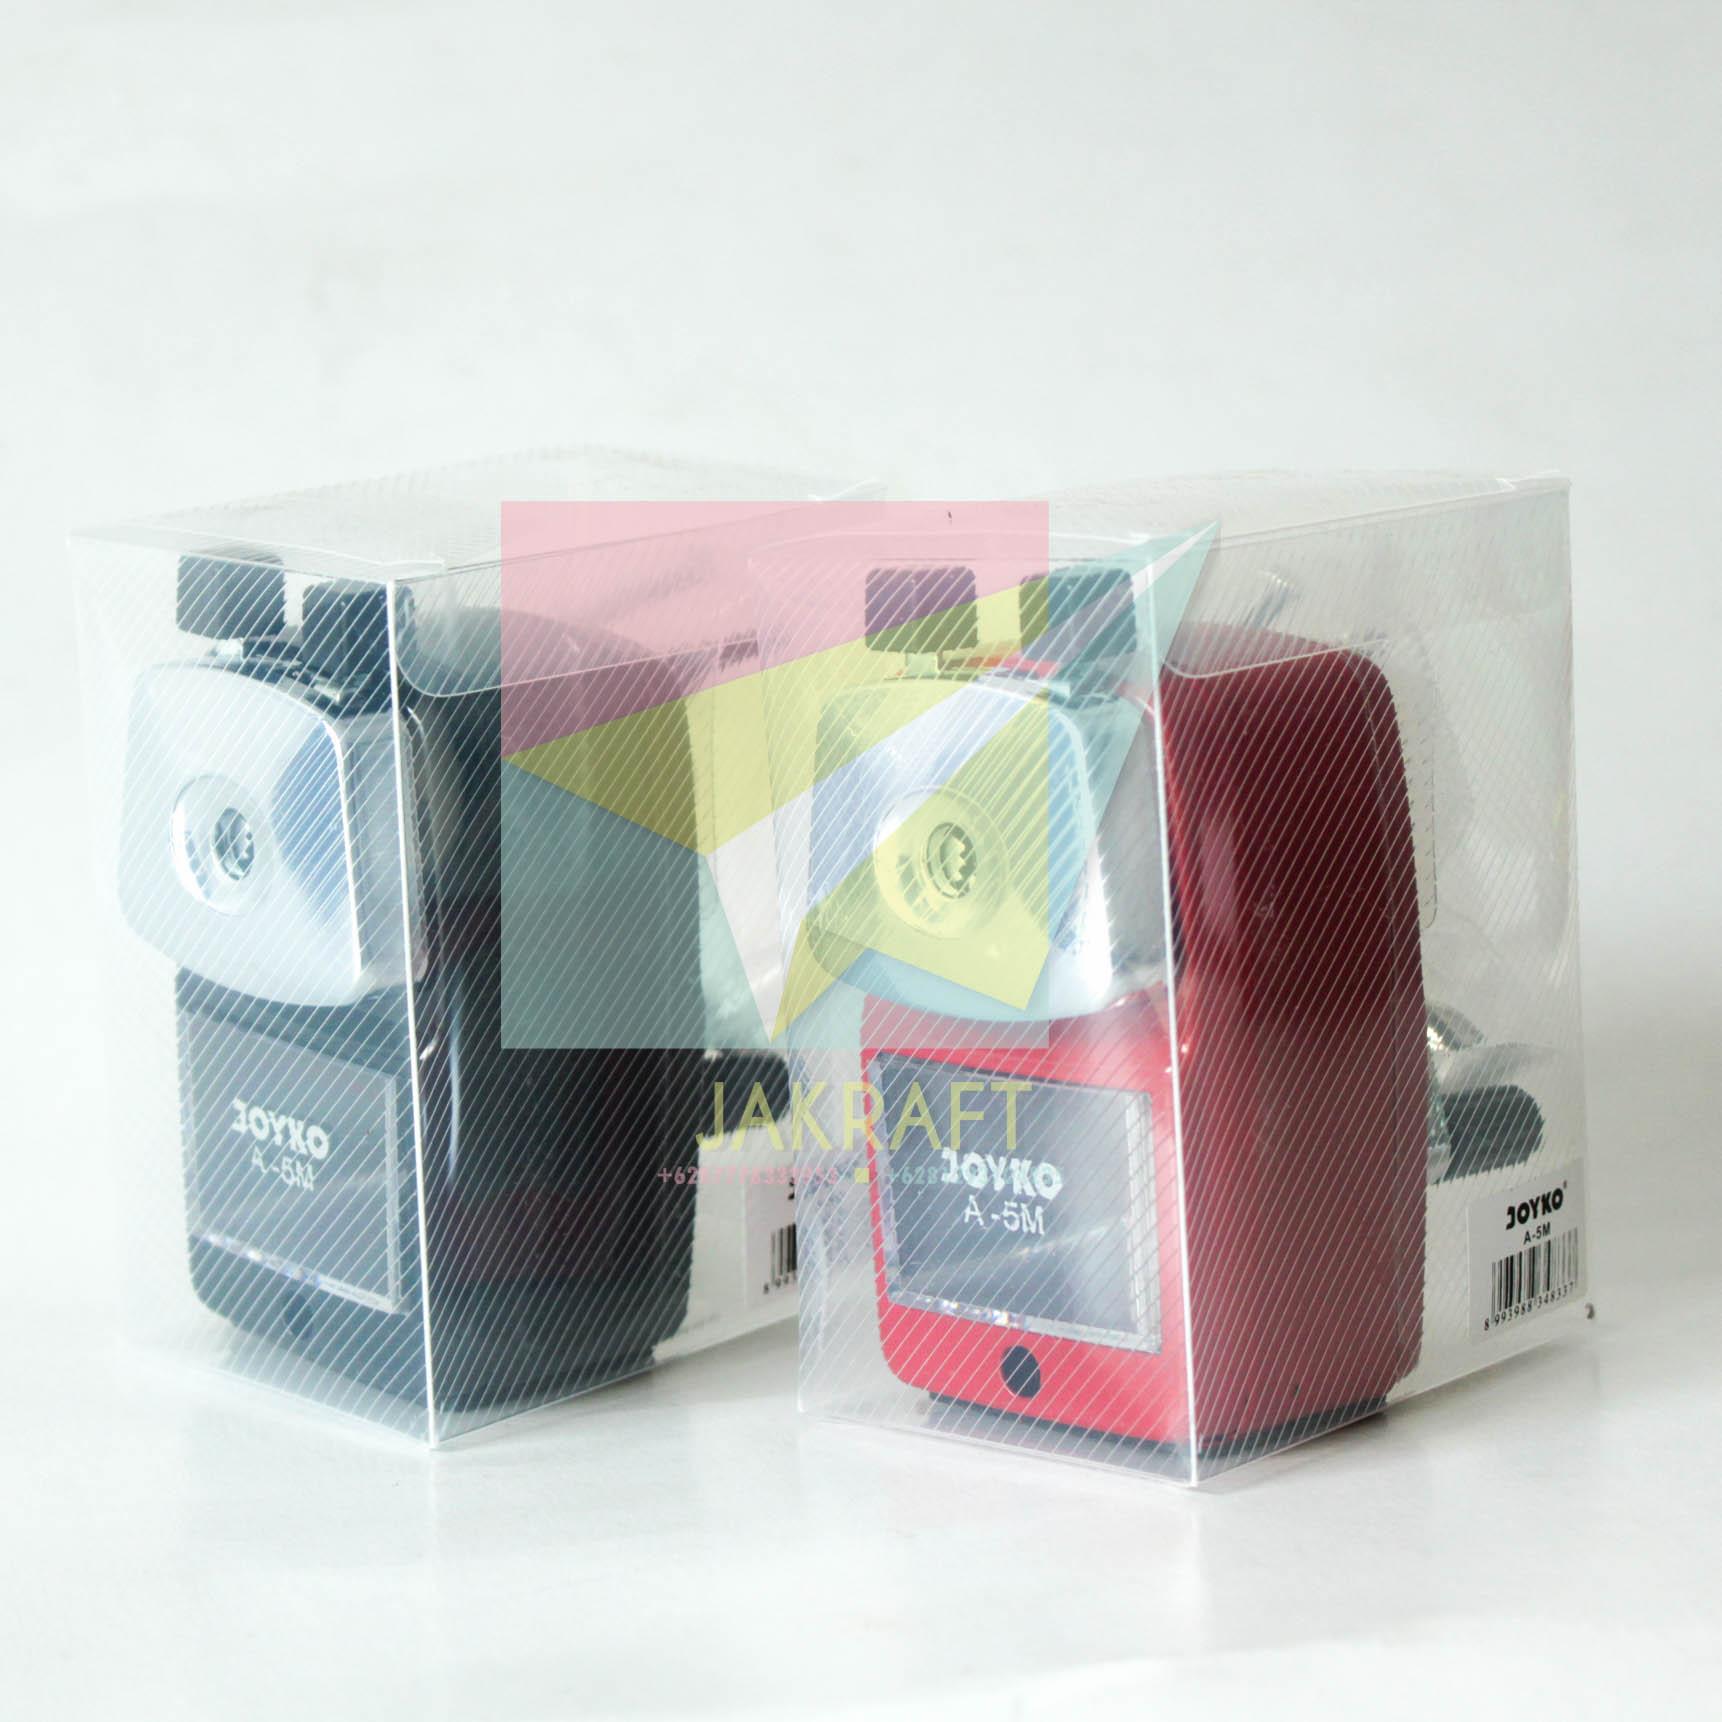 Joyko Sharpener A 5m Abu Daftar Harga Terbaru Dan Terlengkap Merah Olshop Indonesia Produk Source Jual Serutan Meja Stainless Rautan Pensil